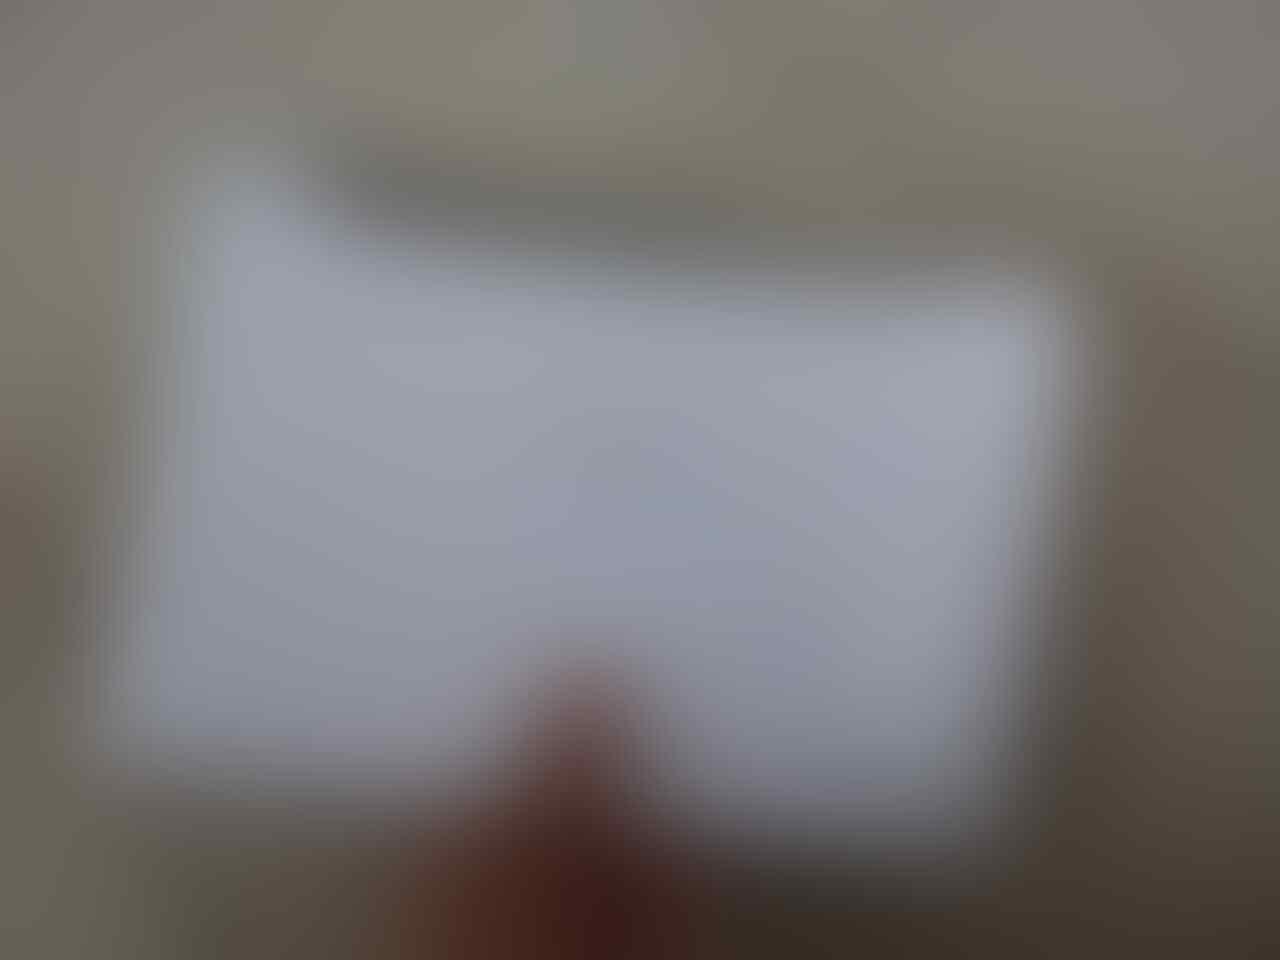 Galaxy Tab 10.1 aka GT-P7500 (COD Manado)